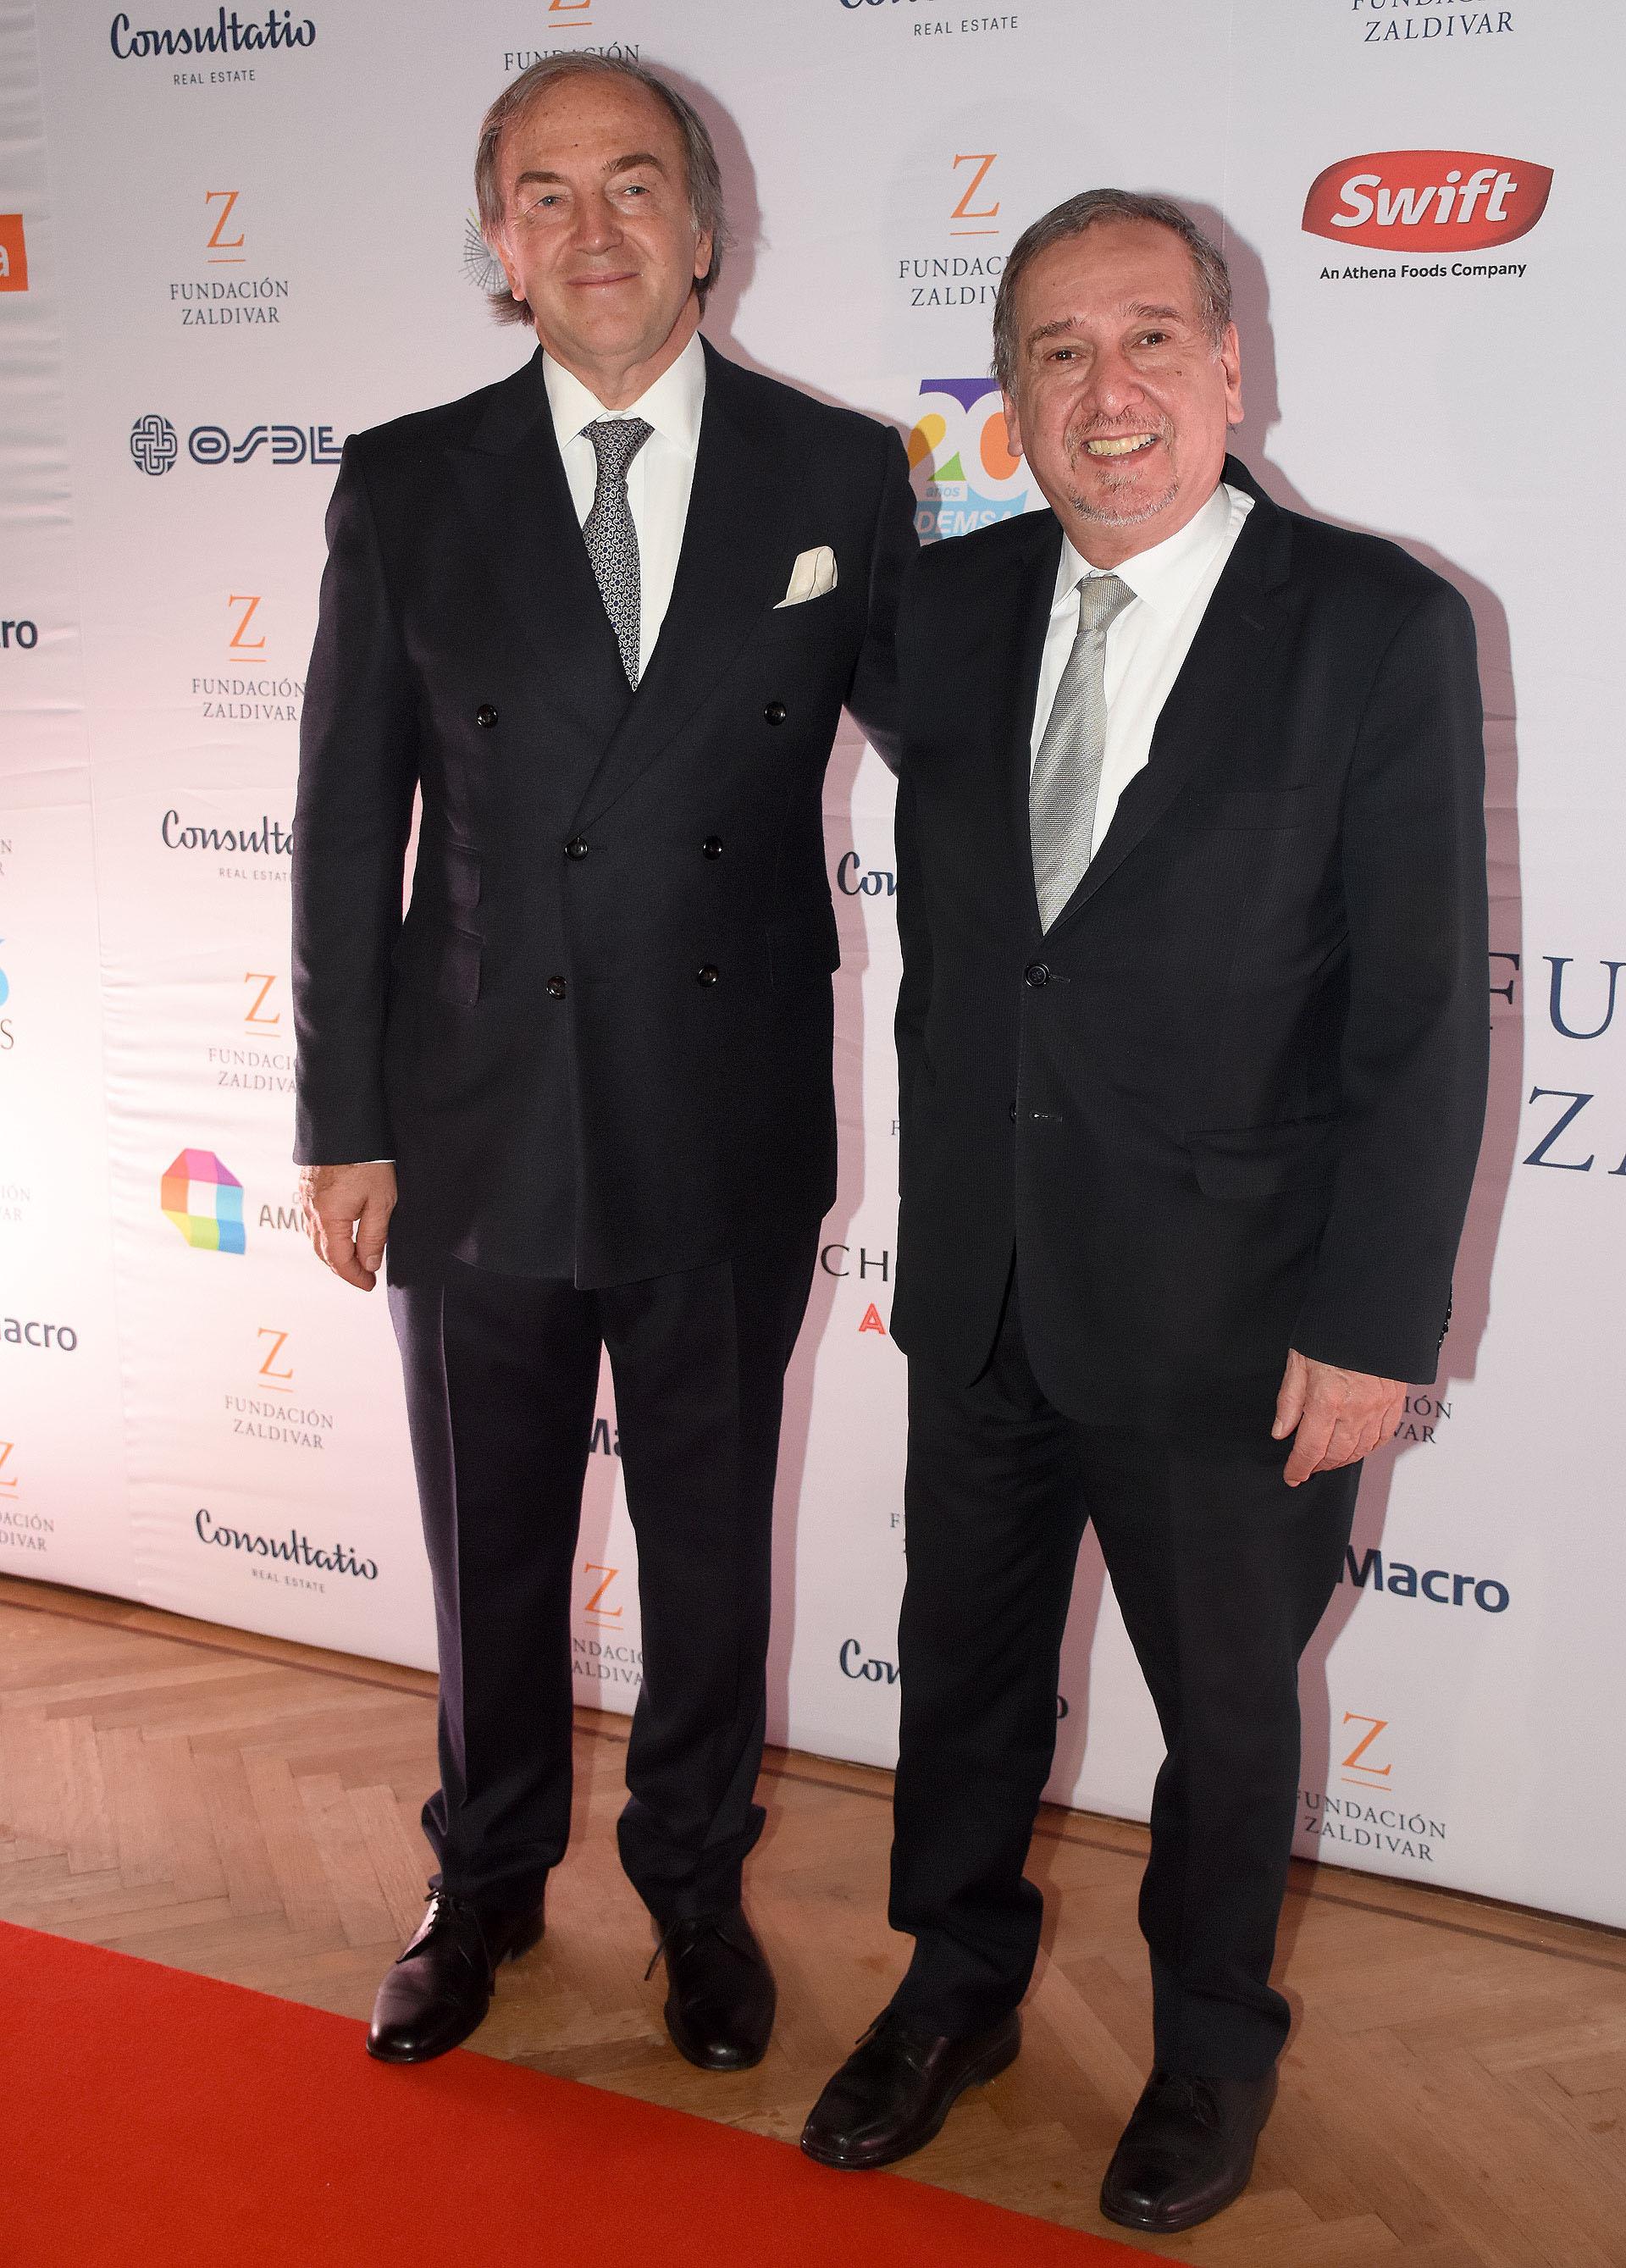 Roberto Zaldivar recibió a el ministro de Ciencia y Tecnología, Lino Barañao